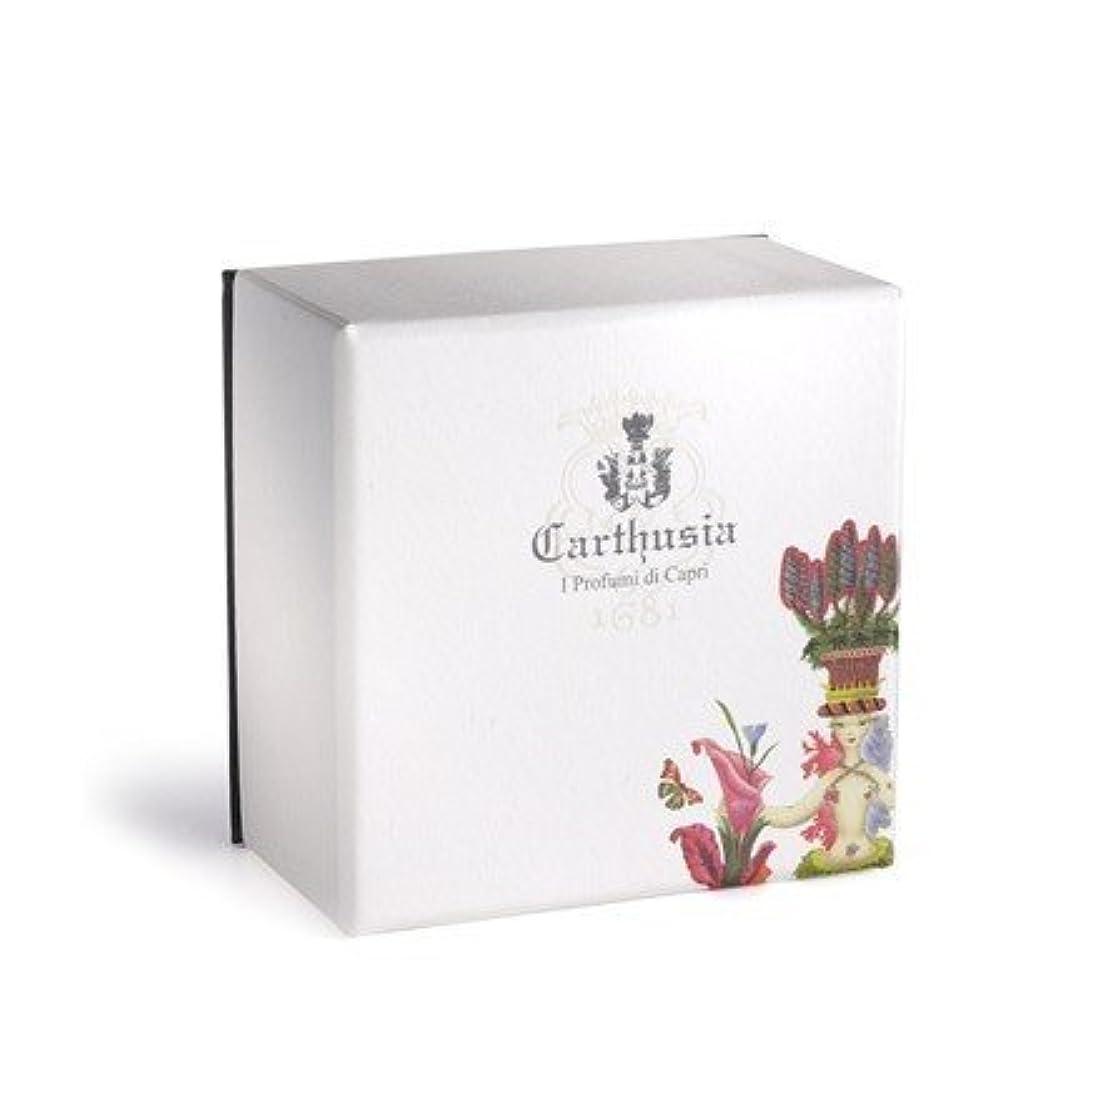 サポートはげ洞窟カルトゥージア メディテラネオ ソリッドパフューム (練り香水) 15ML CARTHUSIA MEDITERRANEO SOLID PARFUM [並行輸入品]